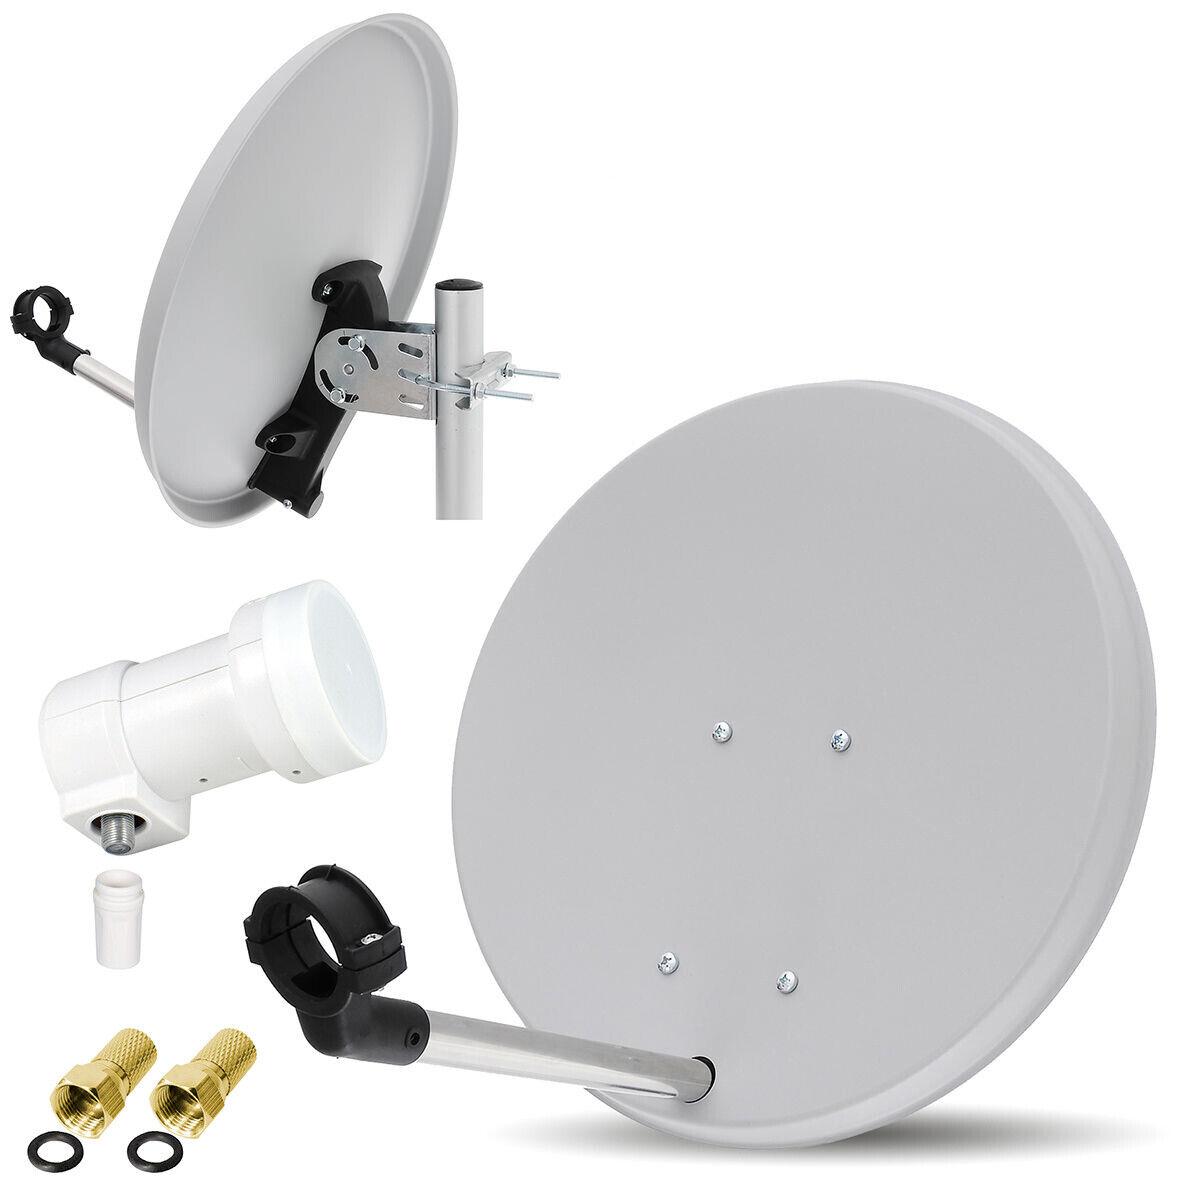 HDTV HD Digitale SAT Anlage 40cm Satelliten Spiegel Schüssel OPTICUM LNB Camping